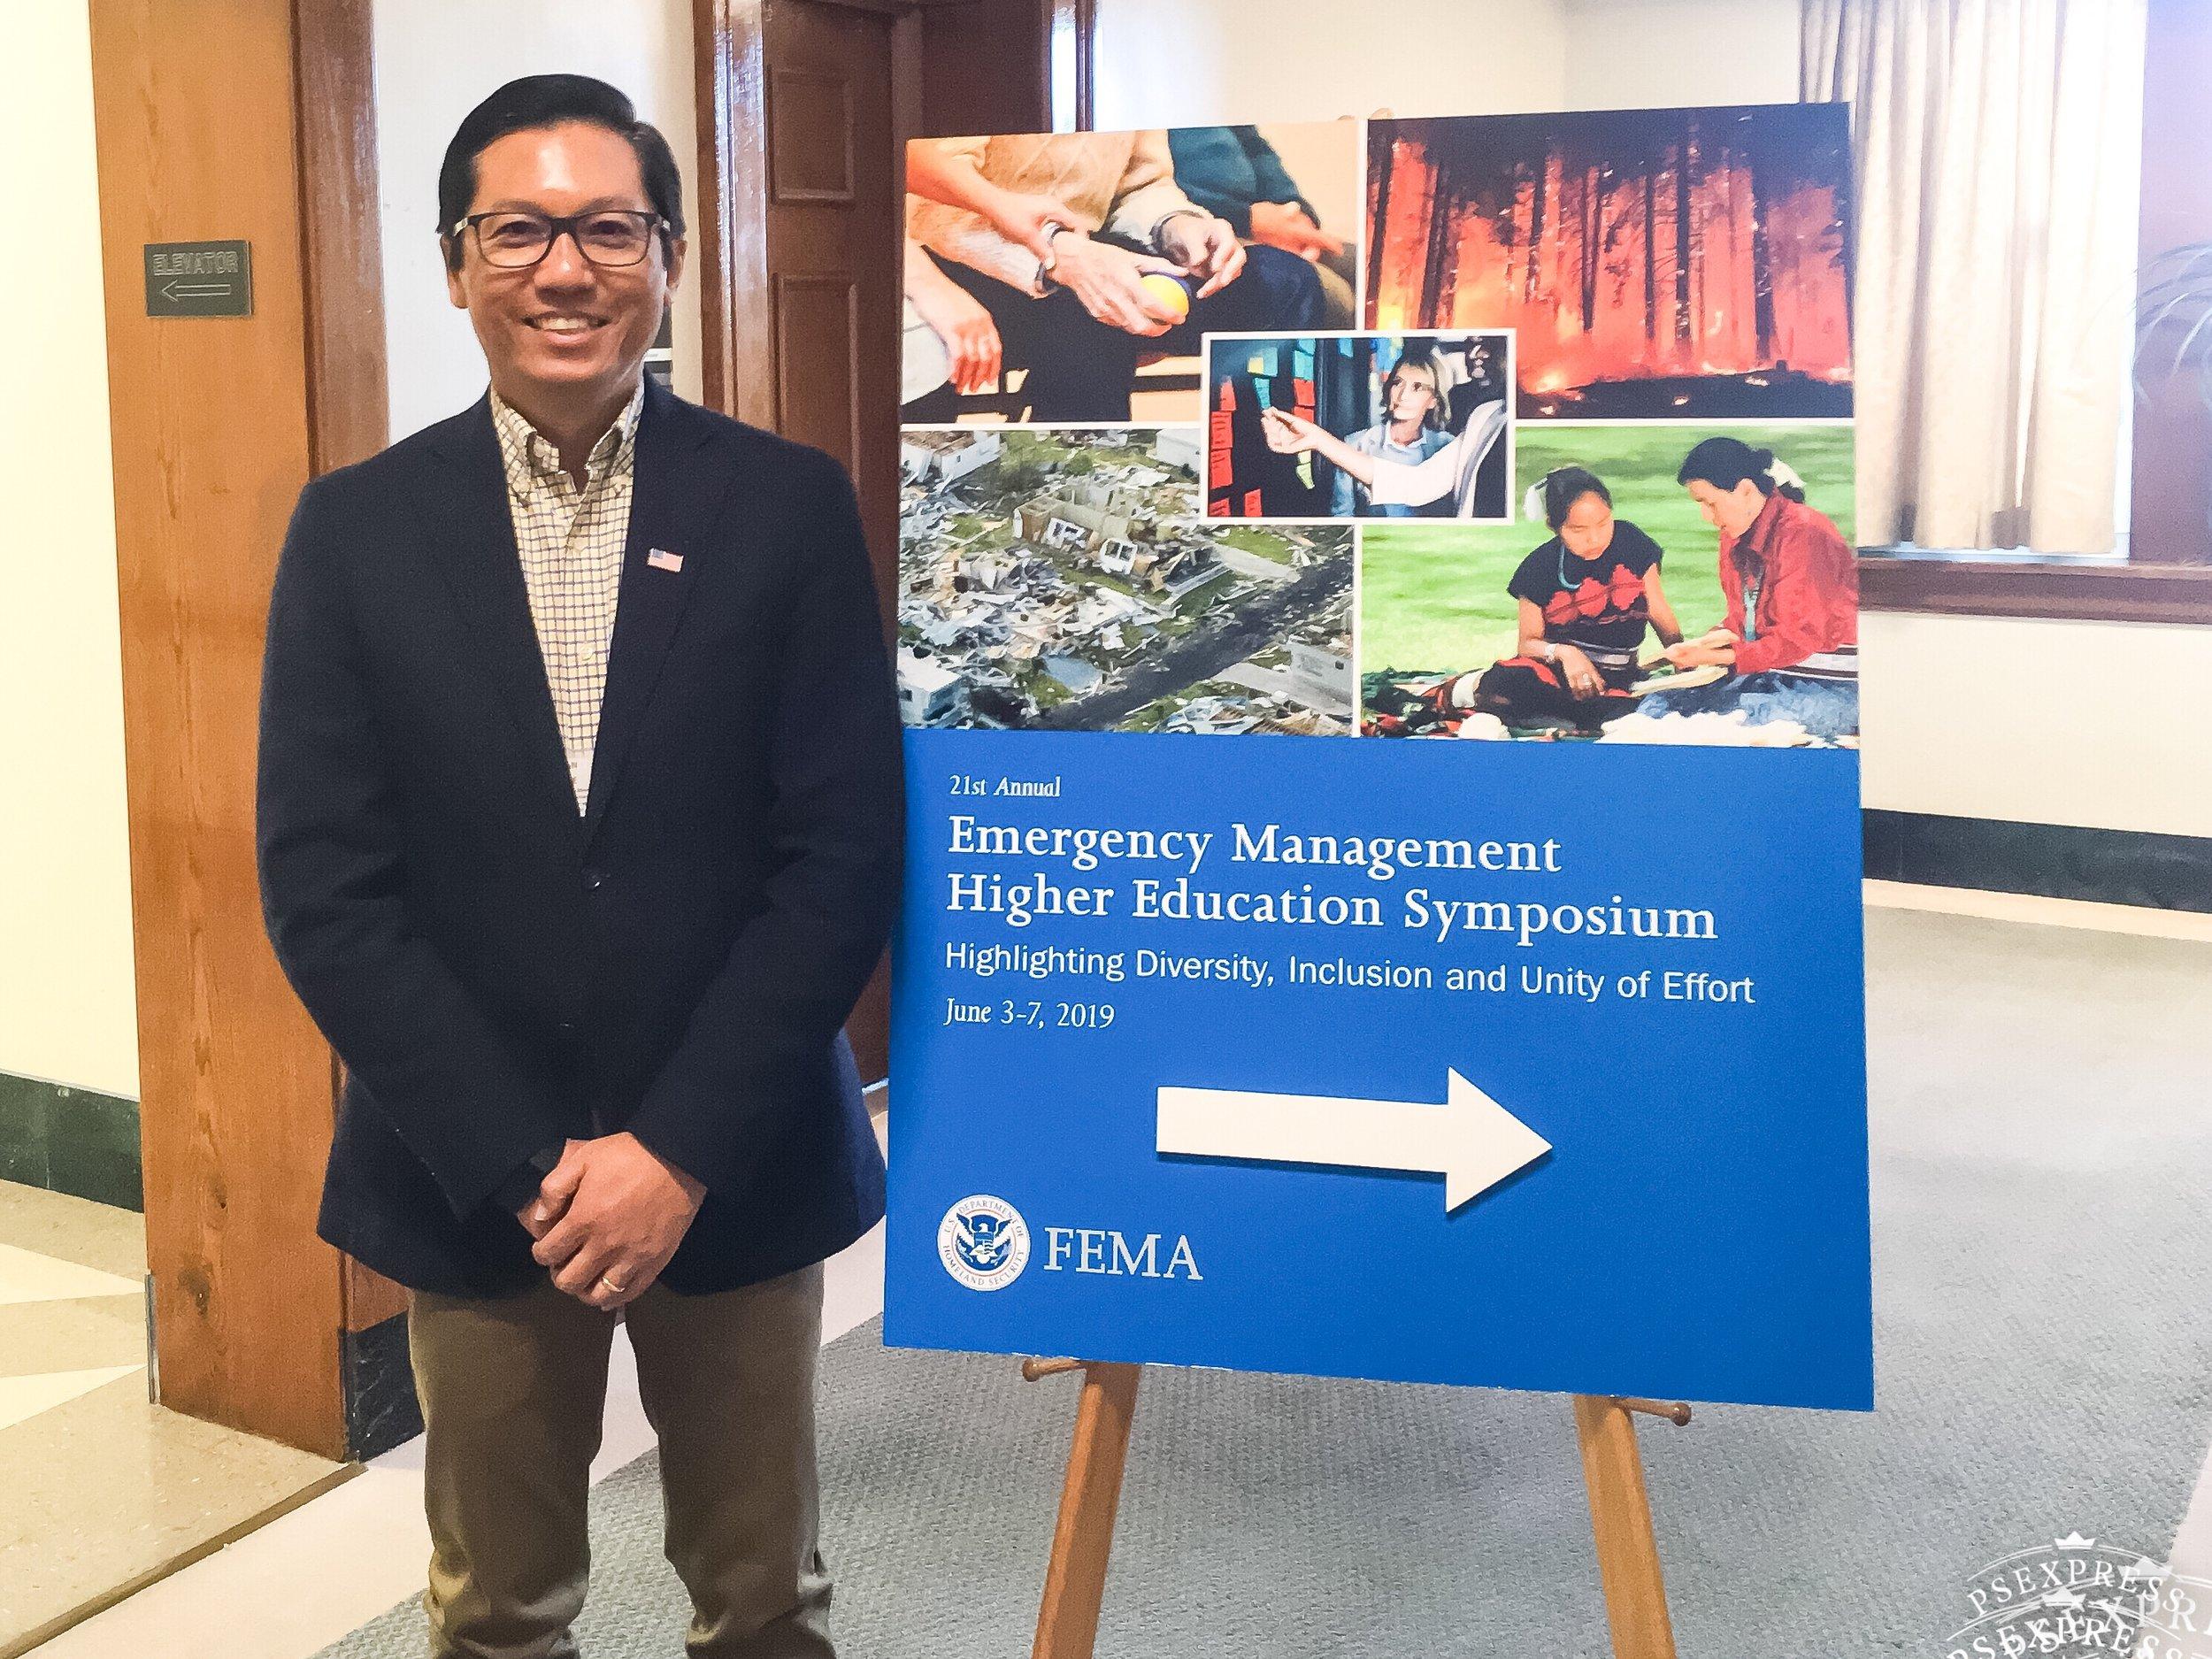 DK_FEMA.jpeg